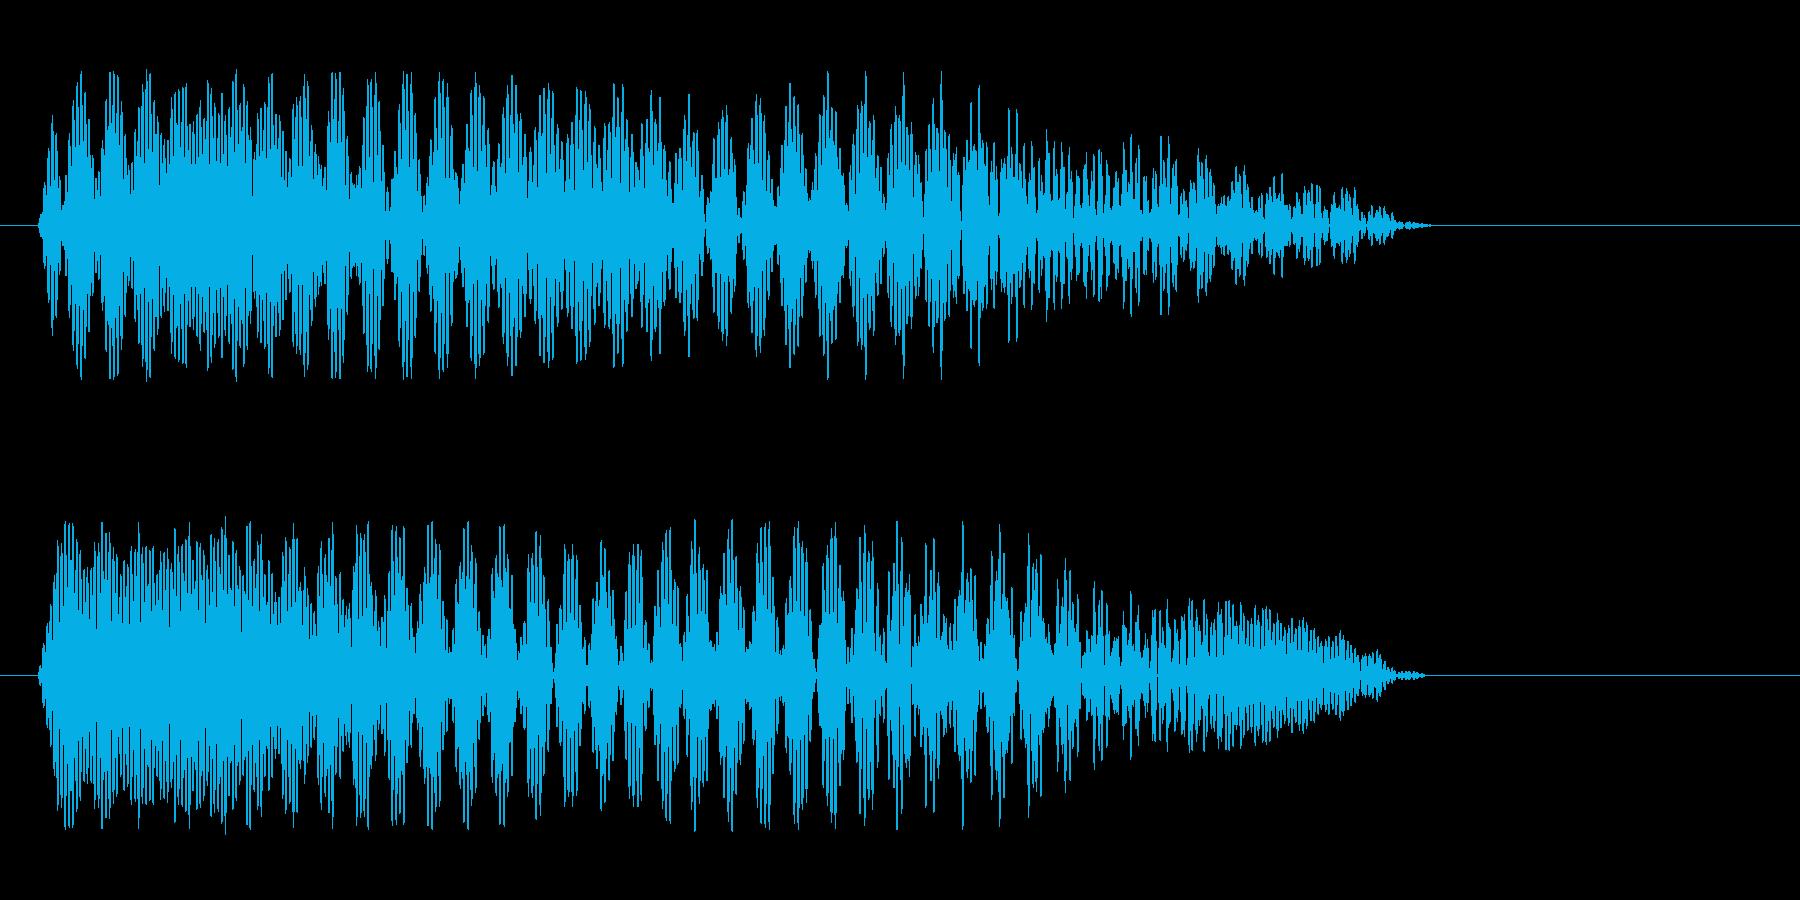 「プーワ」と女性が喋っている音の再生済みの波形